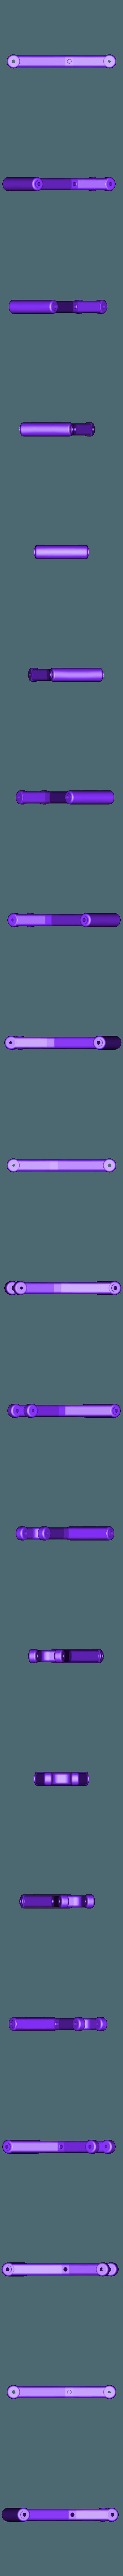 Rear Swing arm.stl Télécharger fichier STL gratuit WLtoys A959 • Plan imprimable en 3D, EvolvingExtrusions